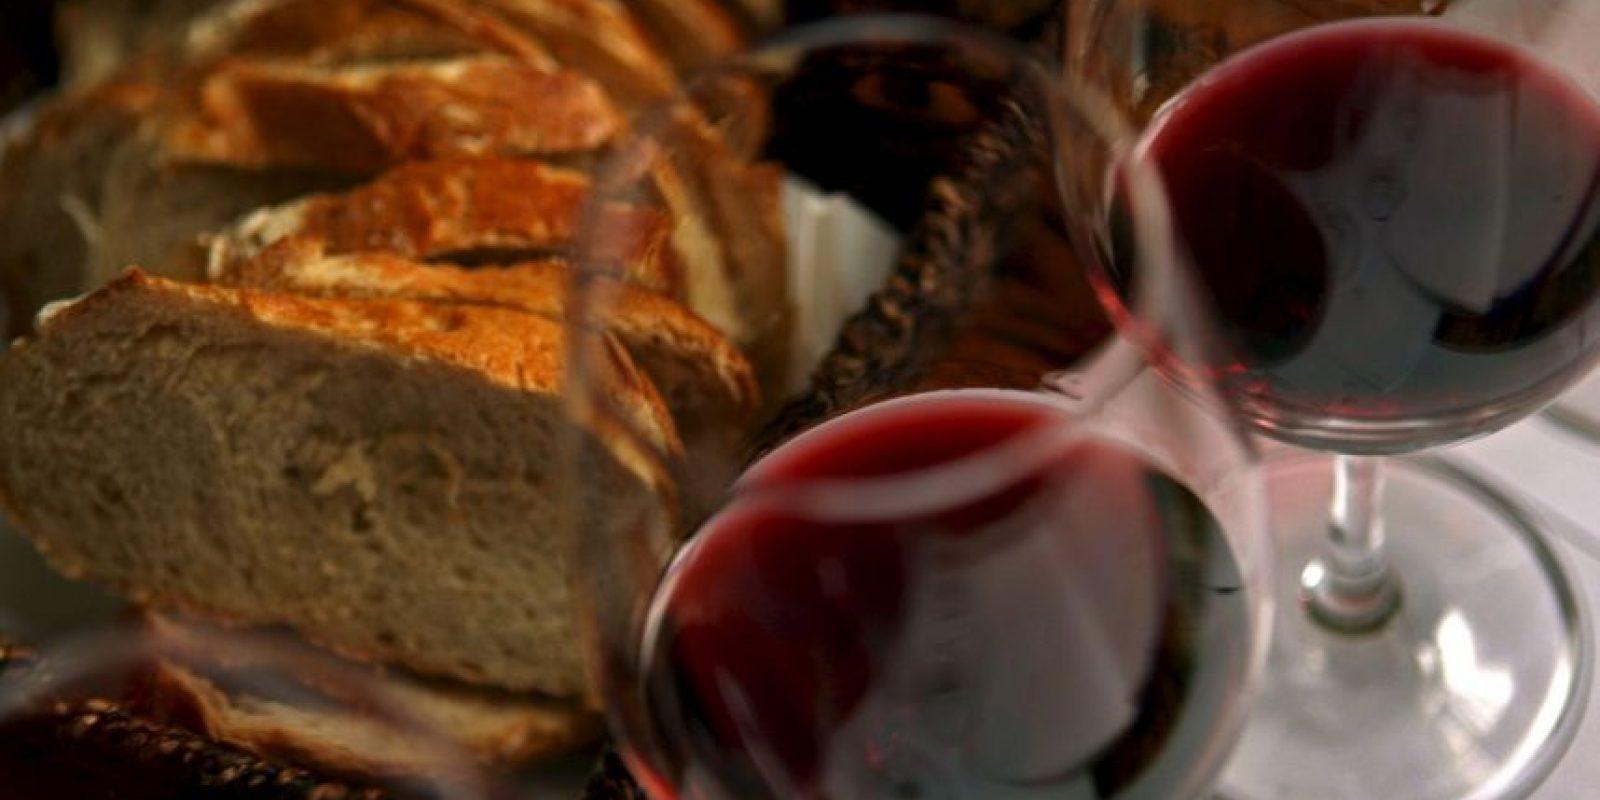 El alcohol juega un papel primordial para el aumento de la libido. Foto:Getty Images